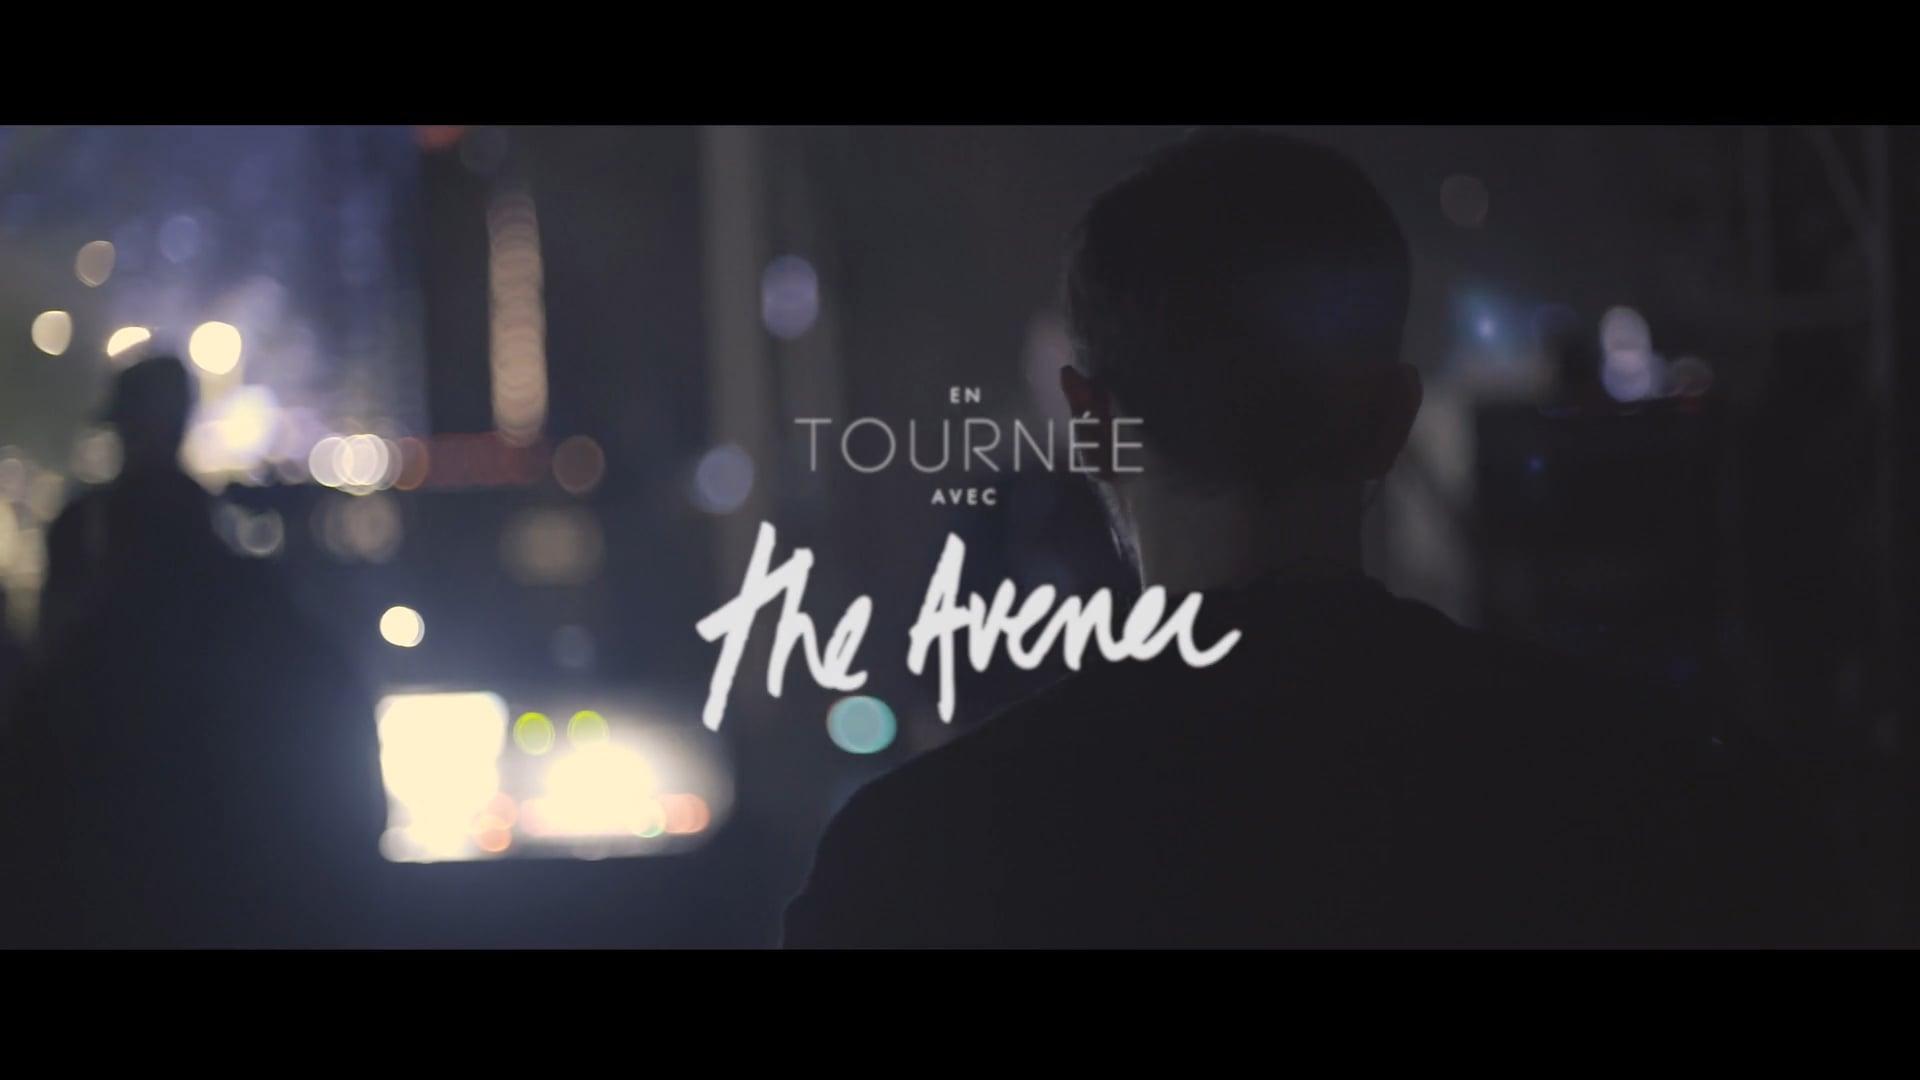 Les Détours de The Avener #02 - On Tour